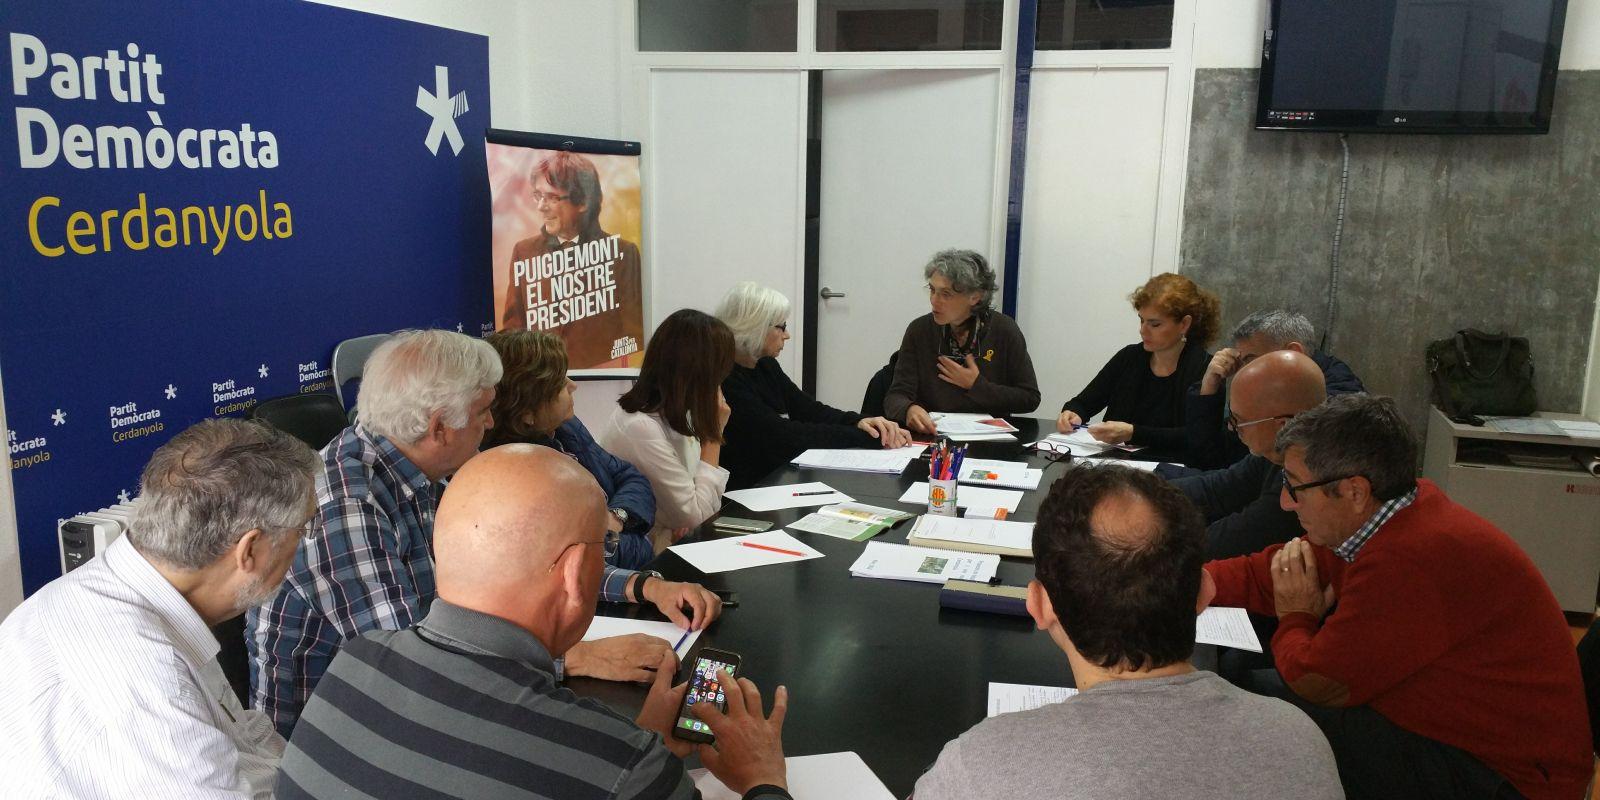 Imatge d'arxiu d'una reunió de l'executiva del PDeCAT cerdanyolenc | Cedida